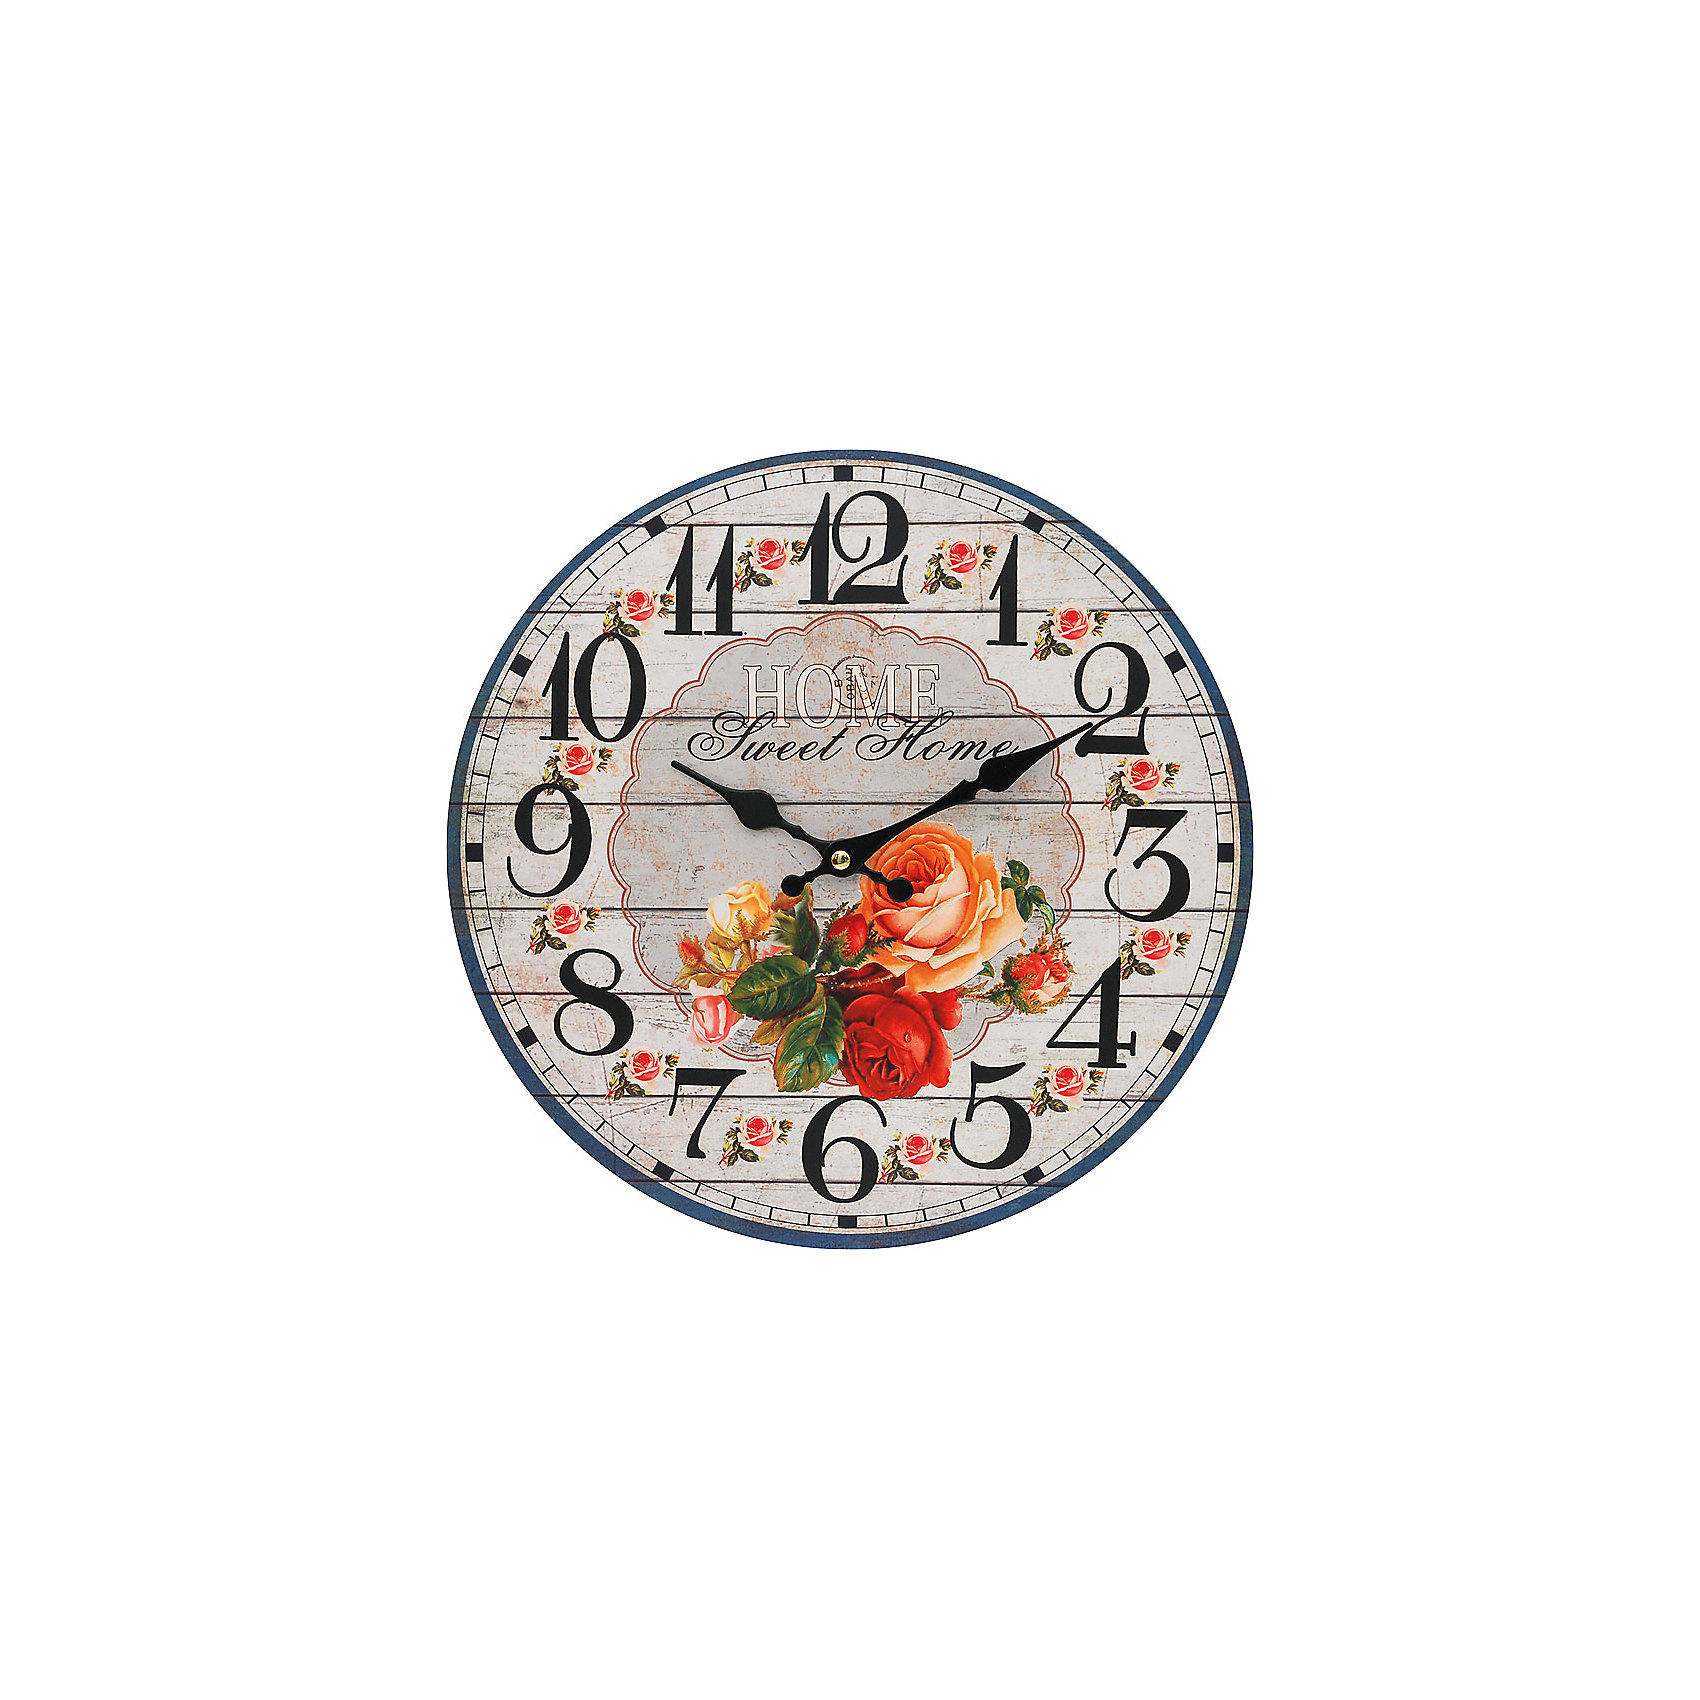 Часы настенные Любимый дом, диаметр 34 смЧасы настенные Любимый дом, диаметр 34 см.<br><br>Характеристики:<br><br>- Диаметр: 34 см.<br>- Две стрелки часовая и минутная<br>- Батарейка: 1 типа АА (в комплект не входит)<br>- Упаковка картонная коробка<br><br>Кварцевые настенные часы с механизмом плавного хода помимо своего прямого назначения – показывать точное время – станут важным элементом декора Вашего дома или квартиры. Открытый циферблат часов выполнен из листа оргалита с декоративным покрытием, оформлен изображением цветочной композиции. Часовая и минутная стрелки металлические. Часовой механизм закрыт пластиковым корпусом. Часы будут стильным акцентом в интерьере и создадут дополнительный уют и хорошее настроение.<br><br>Часы настенные Любимый дом, диаметр 34 см можно купить в нашем интернет-магазине.<br><br>Ширина мм: 345<br>Глубина мм: 340<br>Высота мм: 45<br>Вес г: 2500<br>Возраст от месяцев: 72<br>Возраст до месяцев: 144<br>Пол: Унисекс<br>Возраст: Детский<br>SKU: 5089818